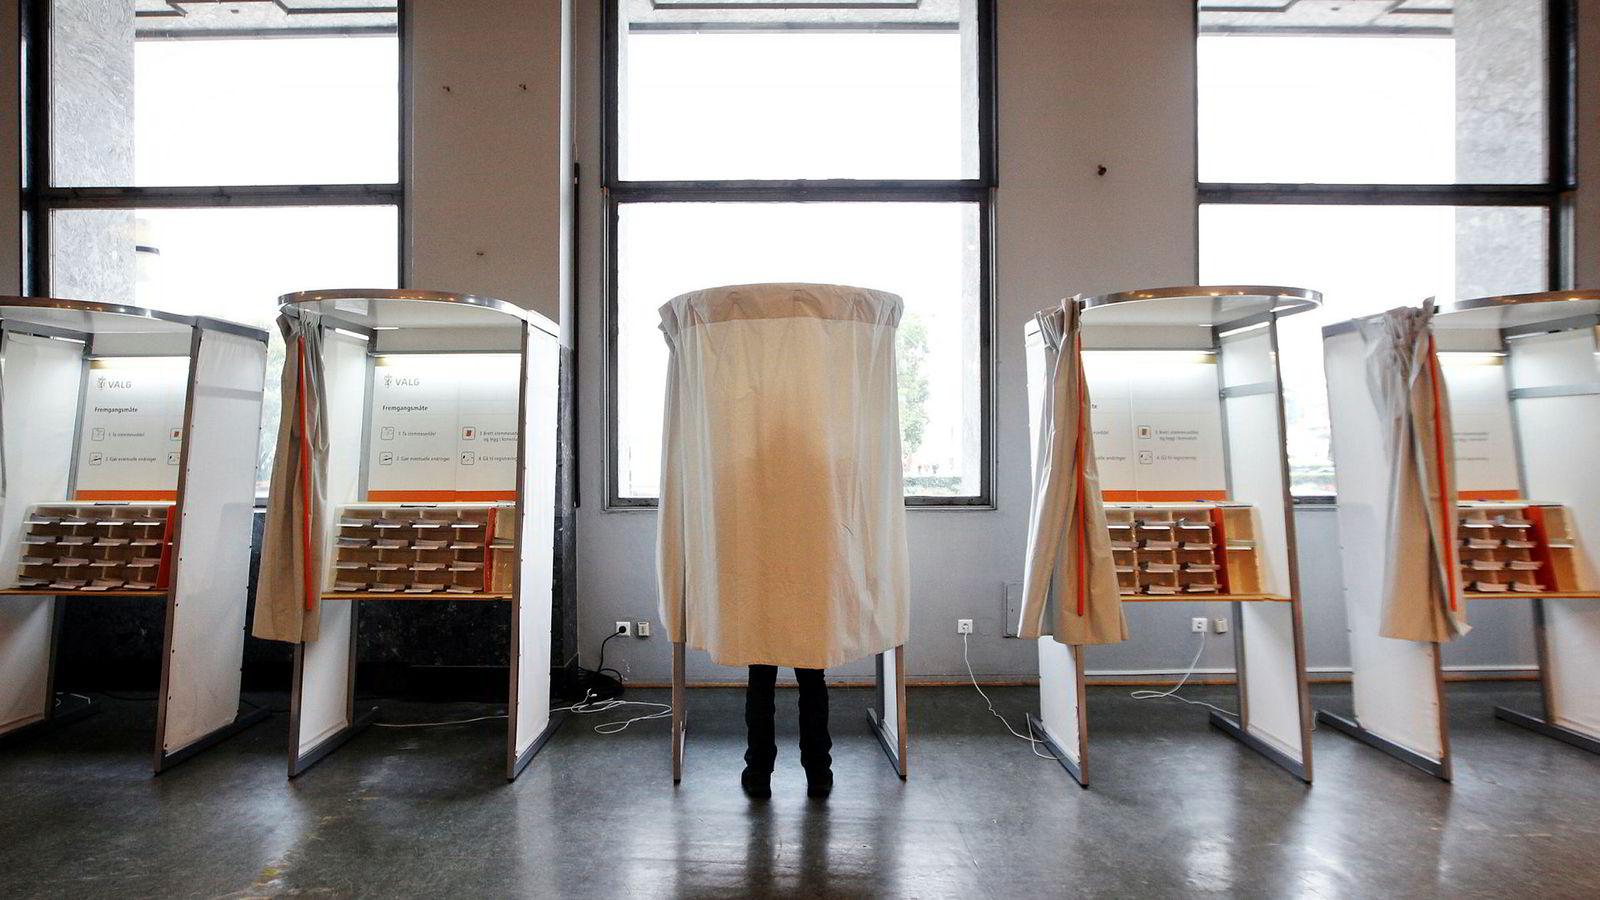 Inne i avlukket har velgeren makt til mer enn å velge parti. Det er også et valg av personer.